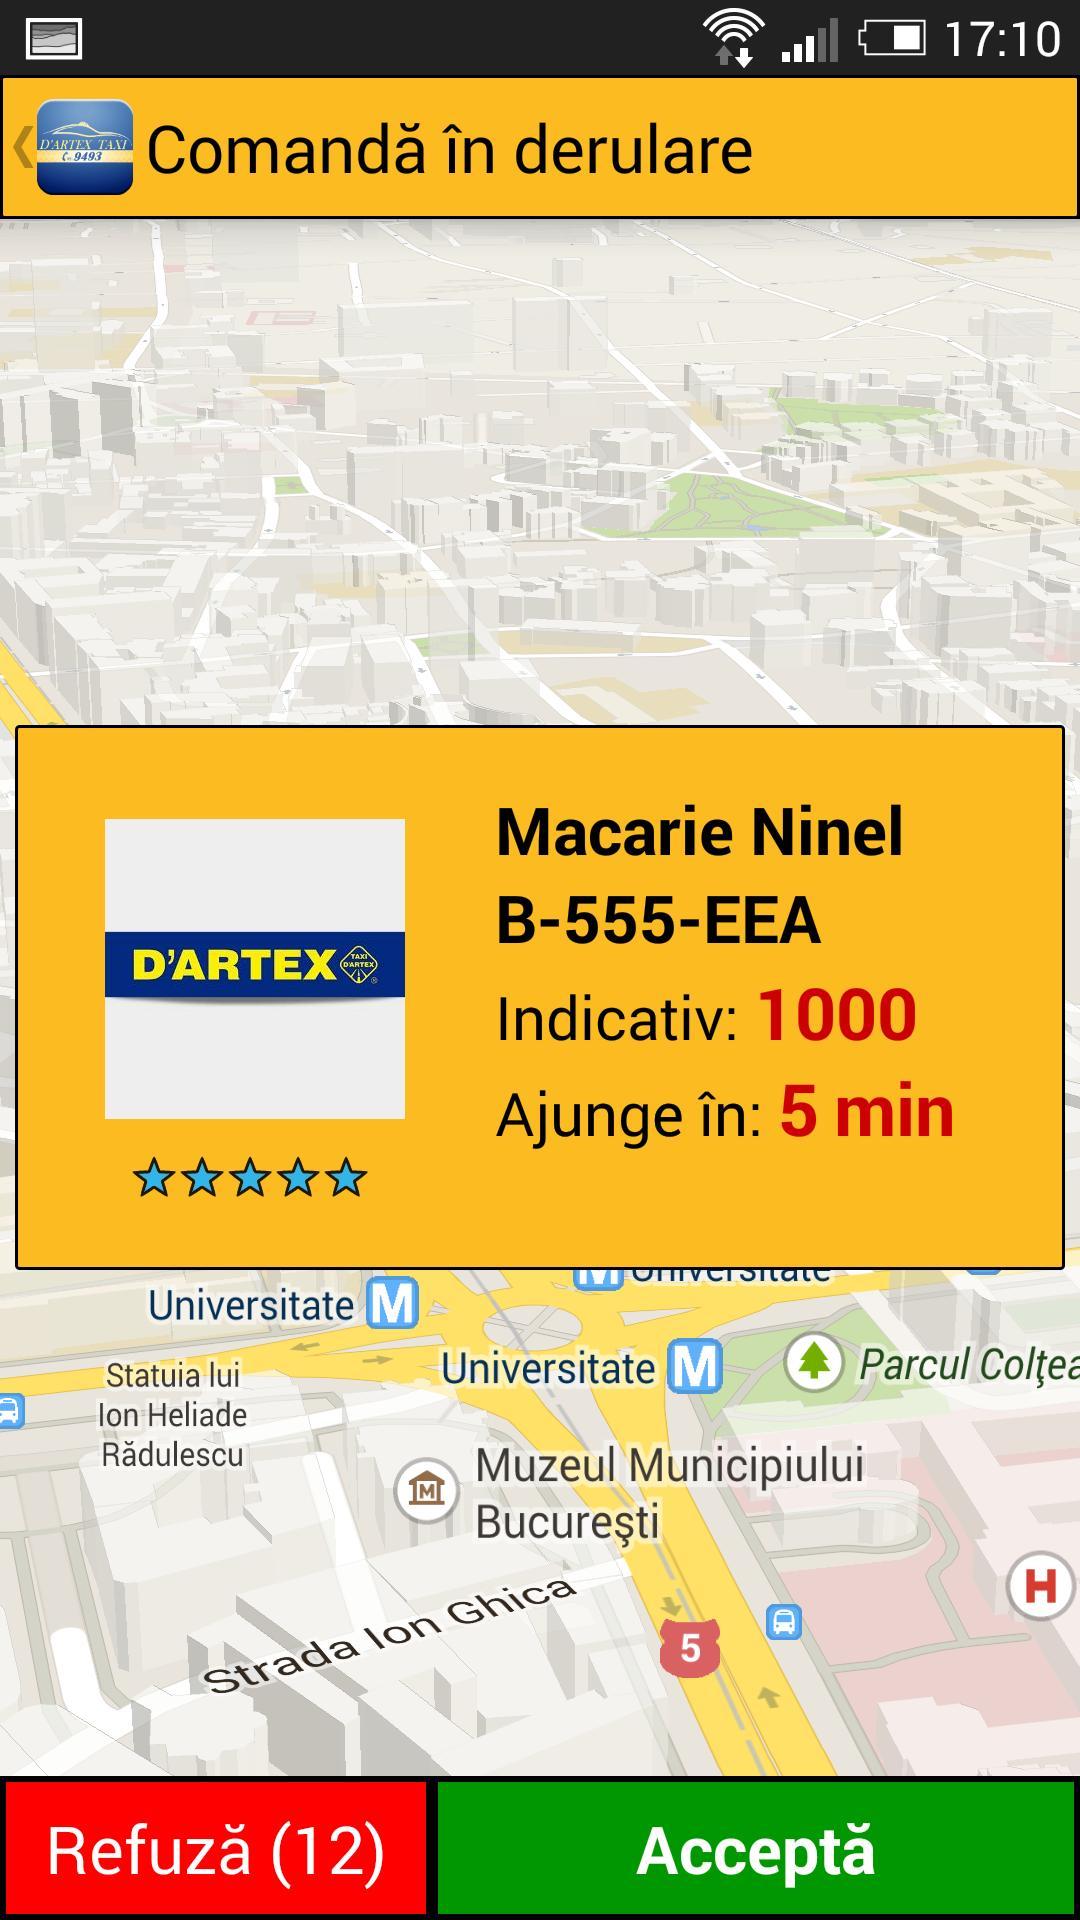 Dartex Taxi - Locatii Fixe poster